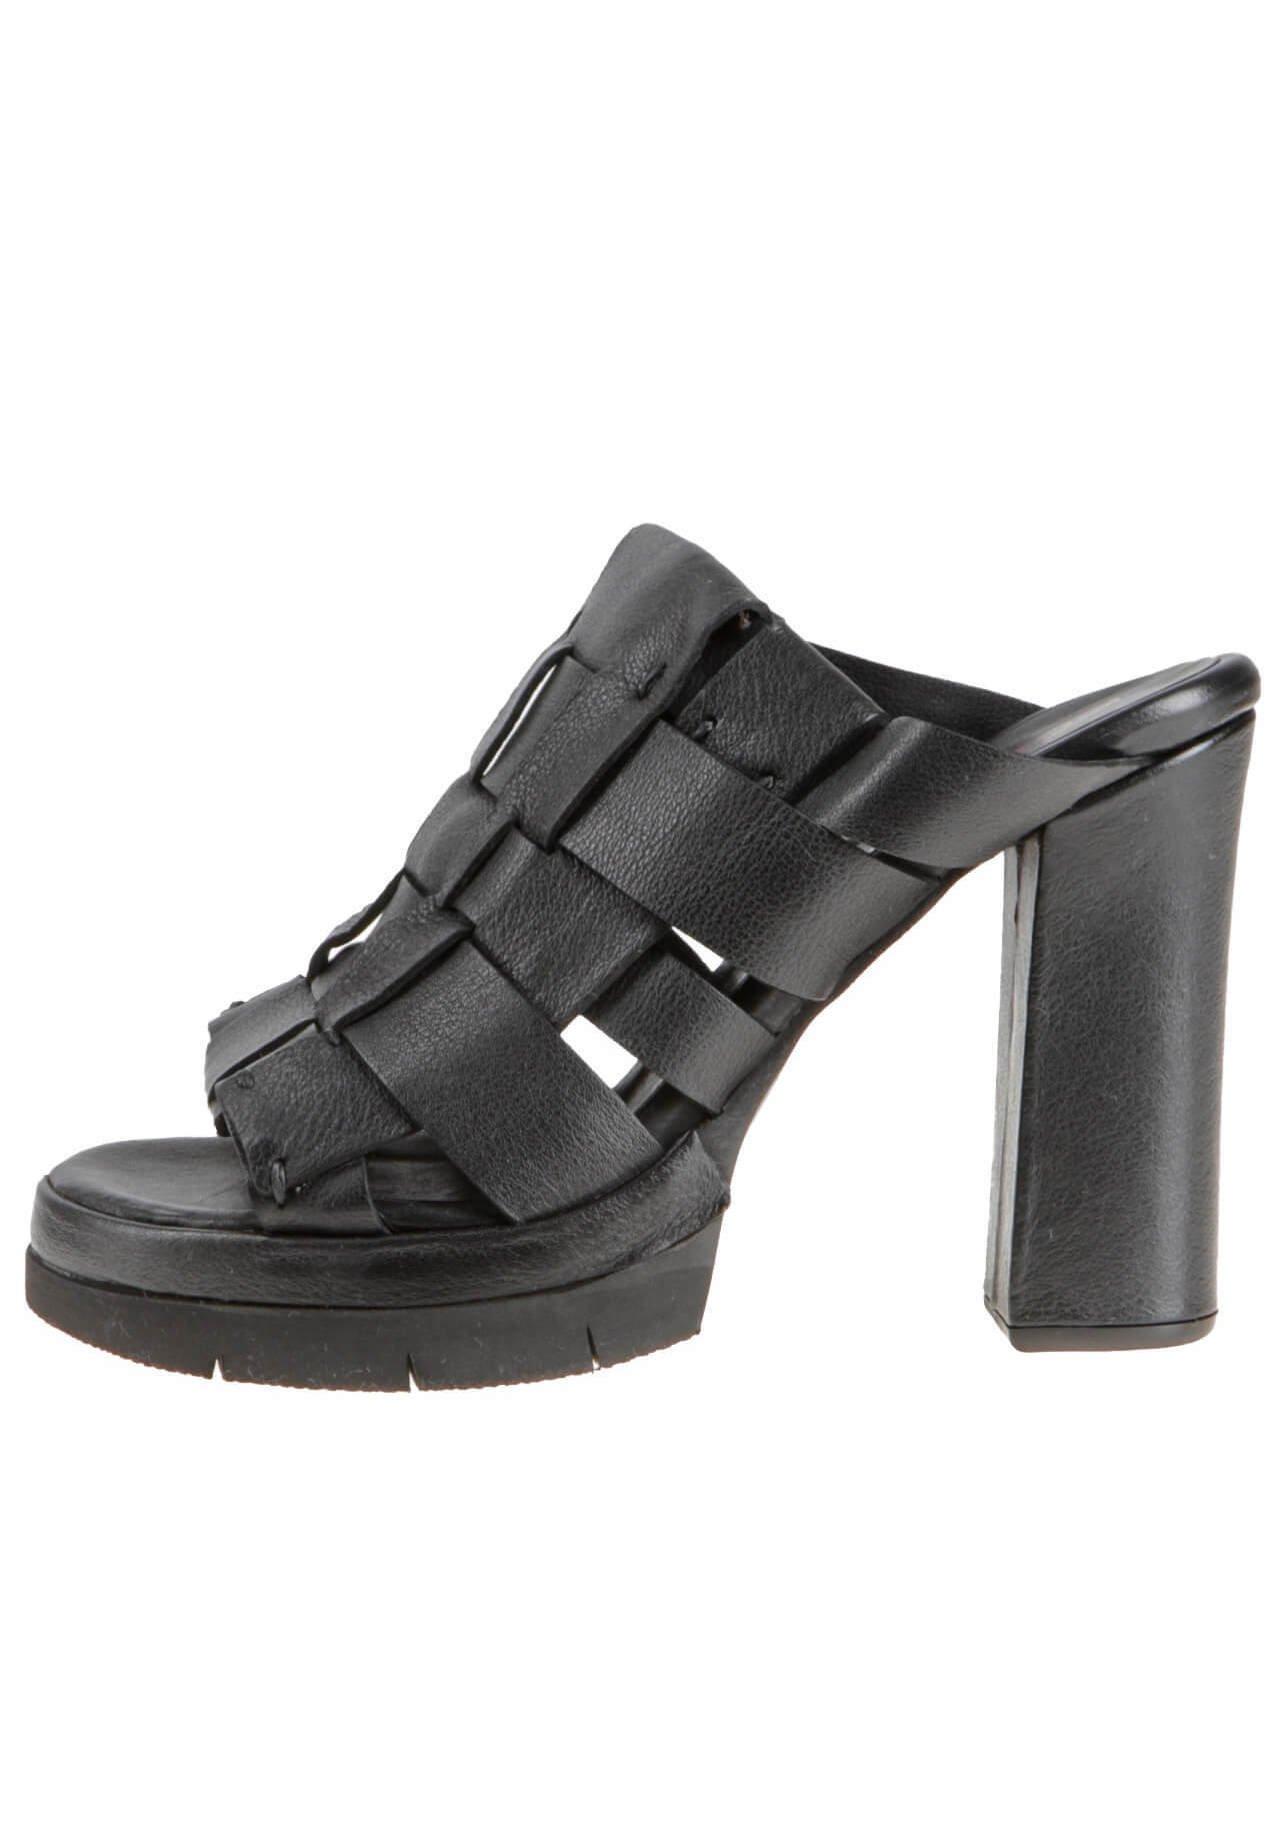 A.S.98 High heeled sandals - schwarz